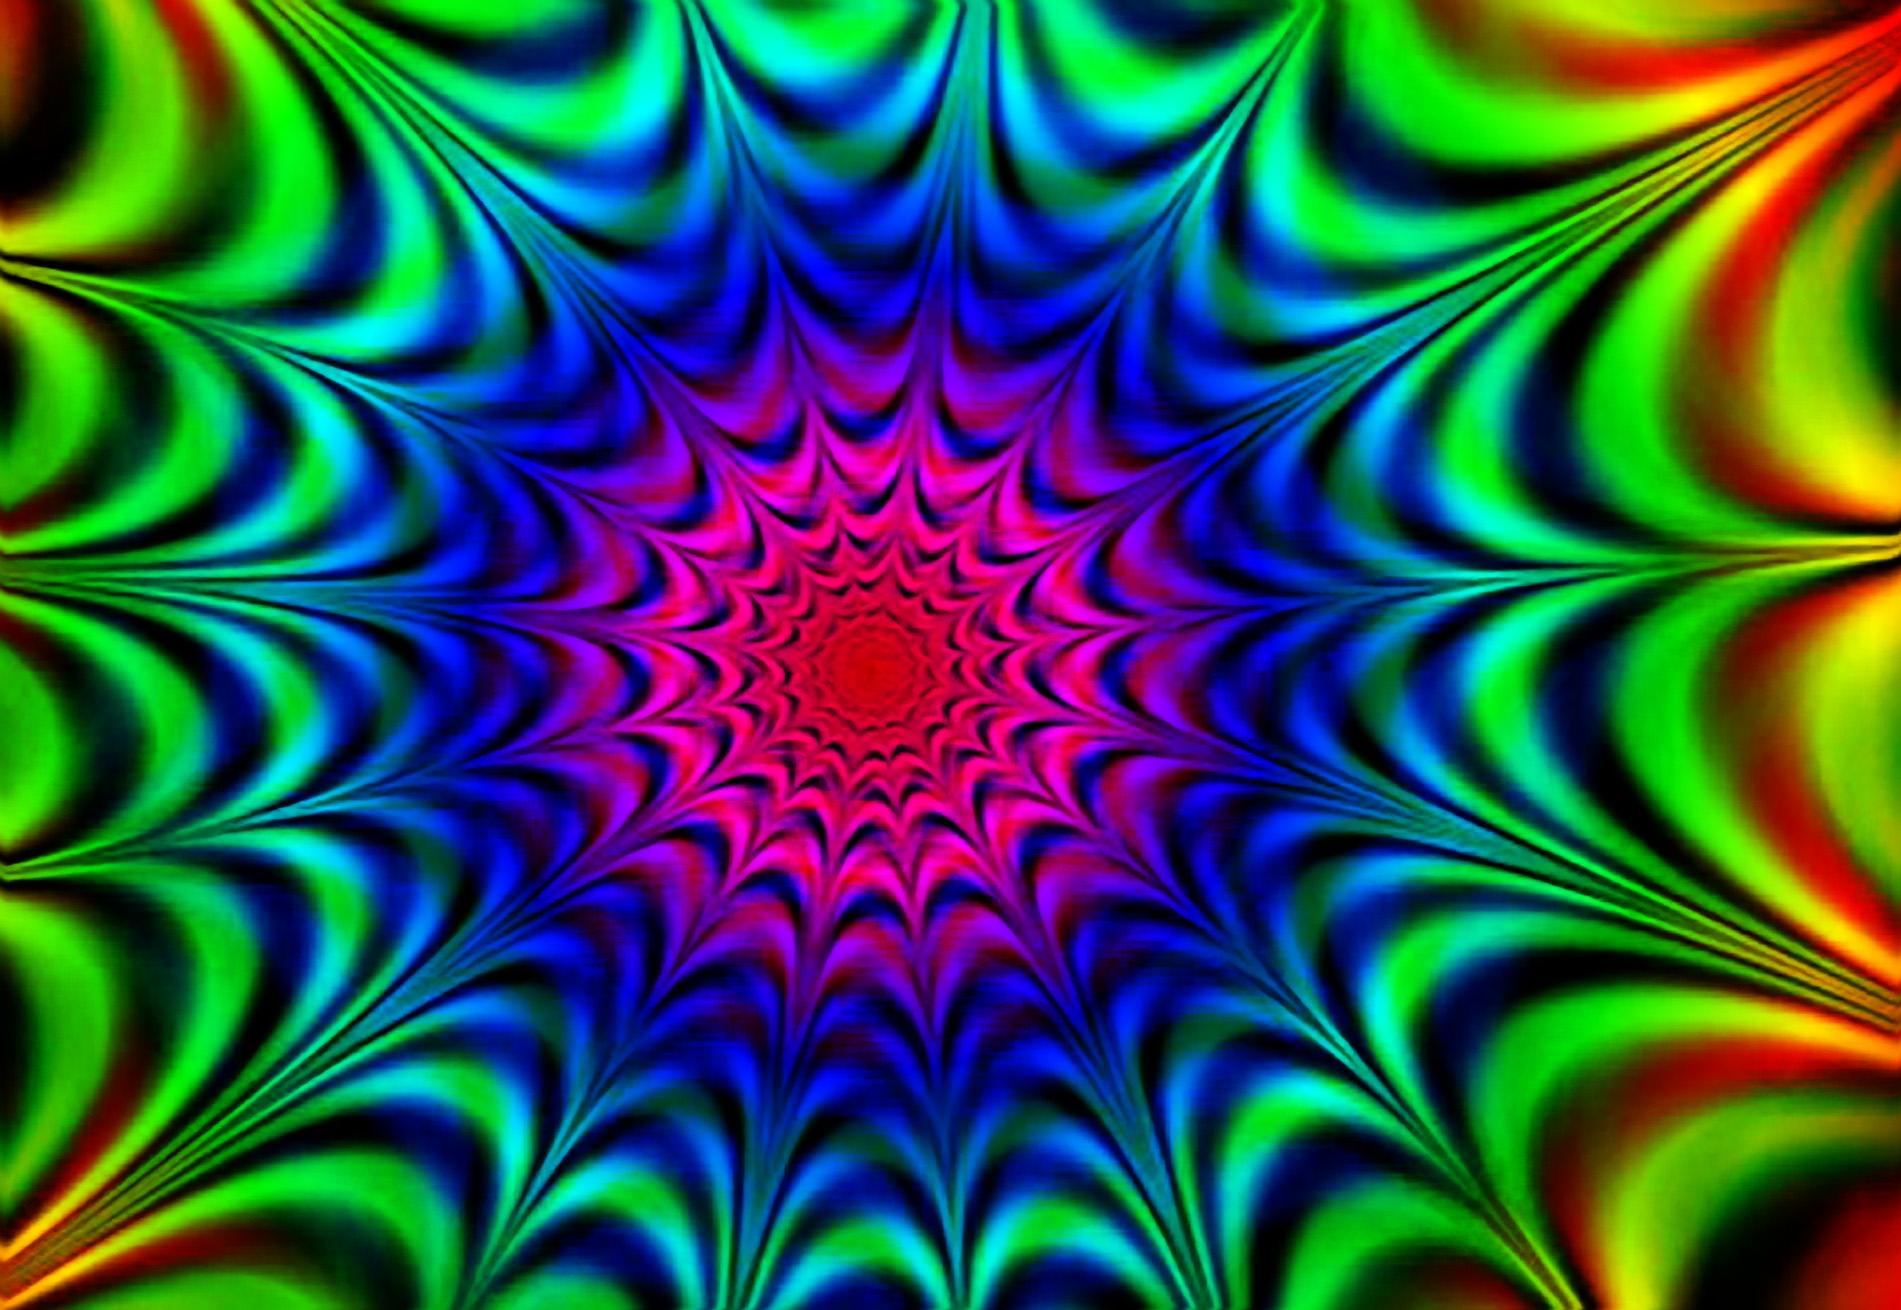 Optical Illusion Desktop Wallpaper - WallpaperSafari